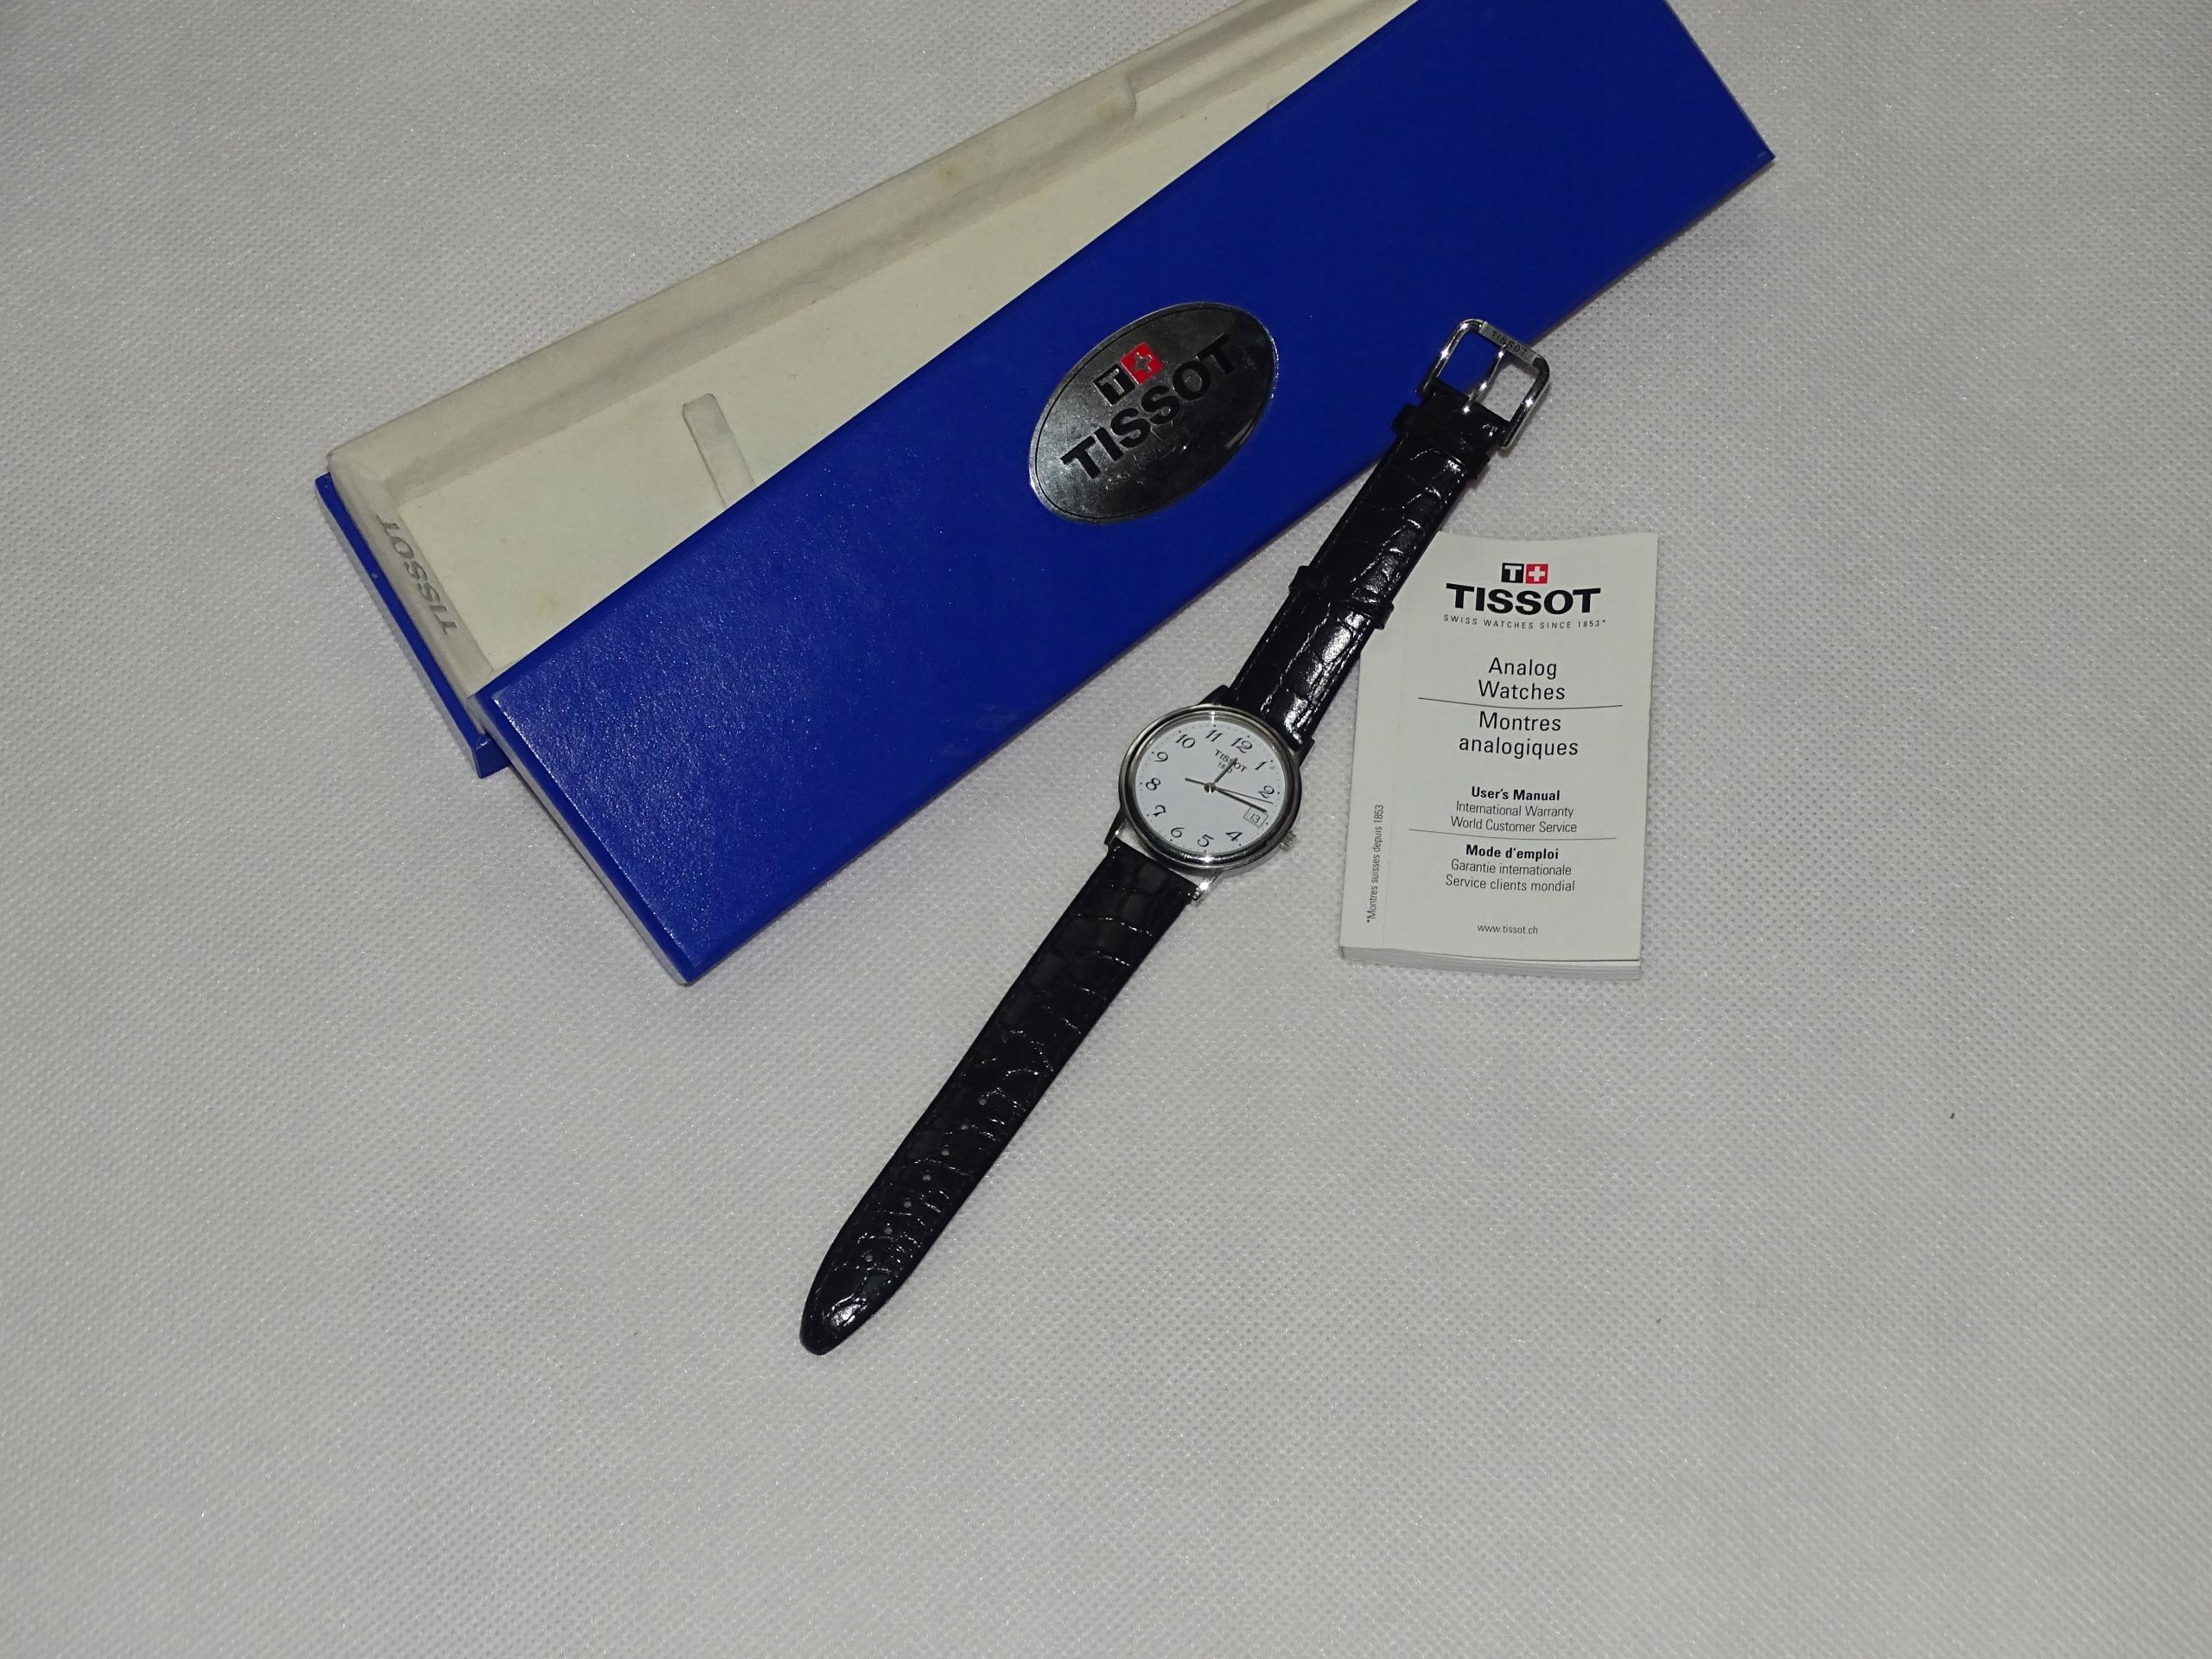 Zegarek TISSOT praktycznie nowy C264/364